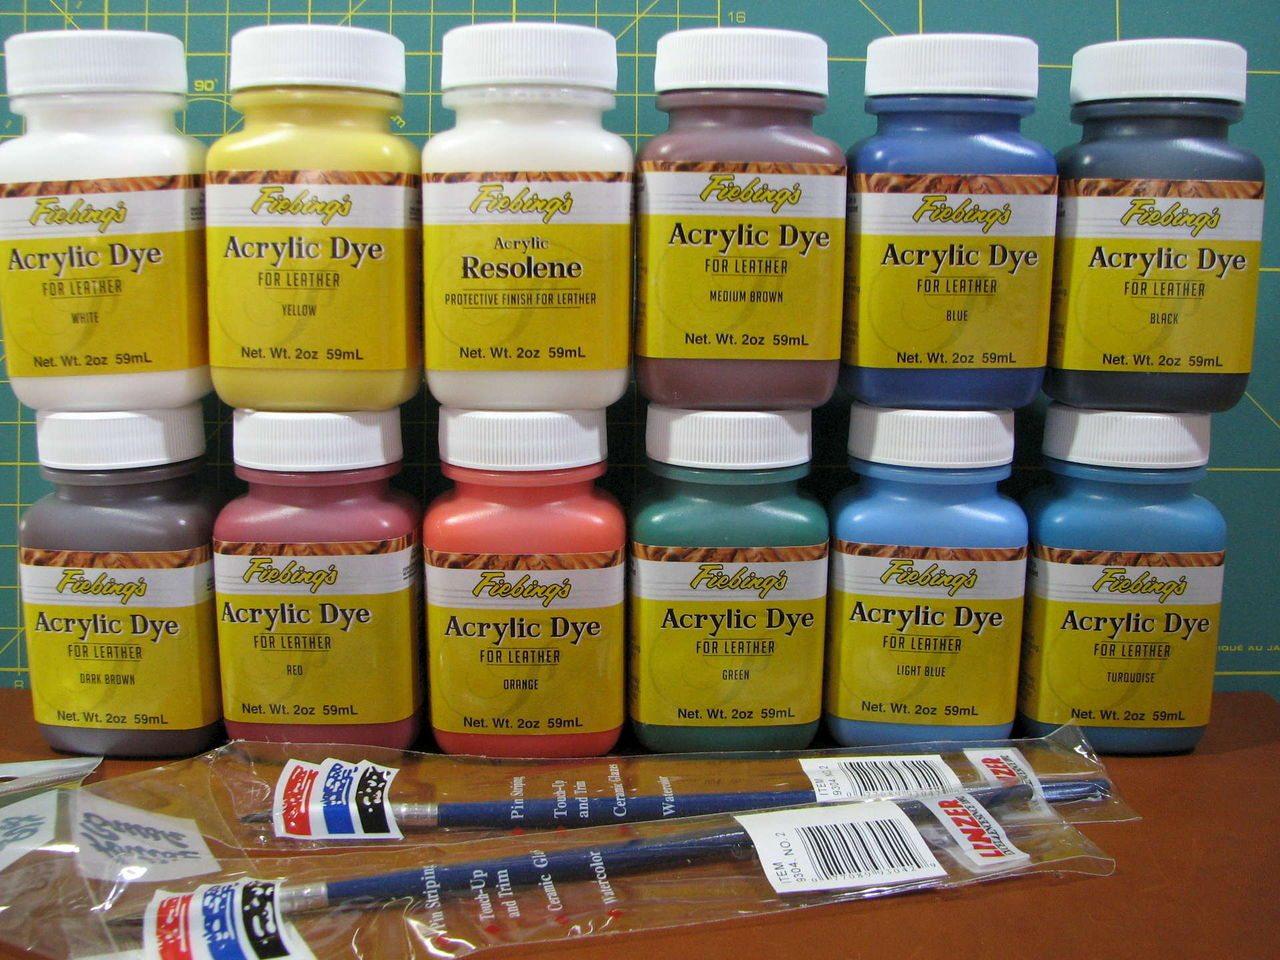 Порошковая краска бывает разных цветов, поэтому вы сможете выбрать подходящий